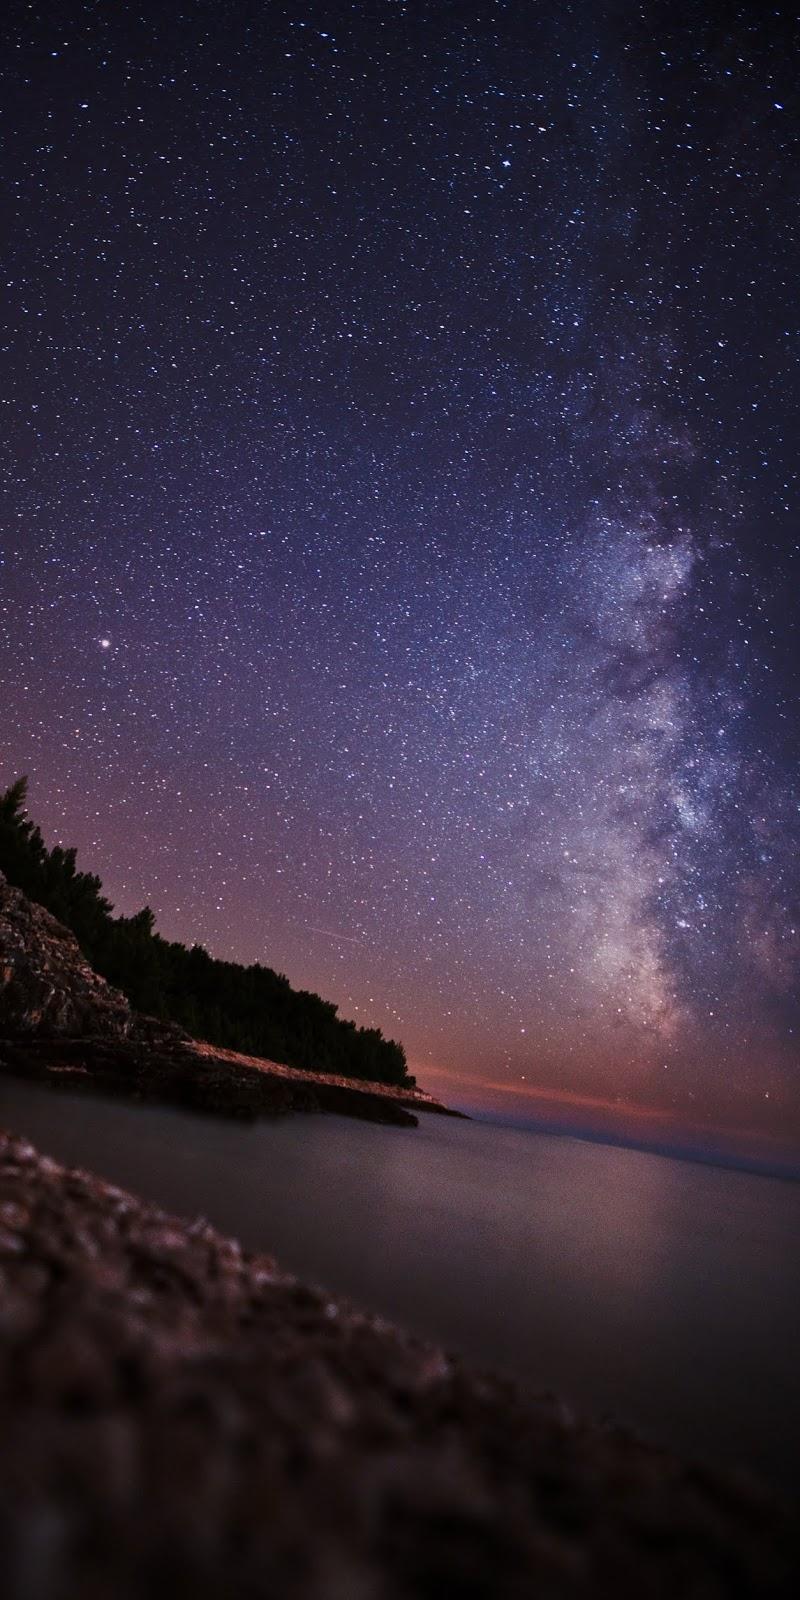 Biển giữa đêm đầy sao